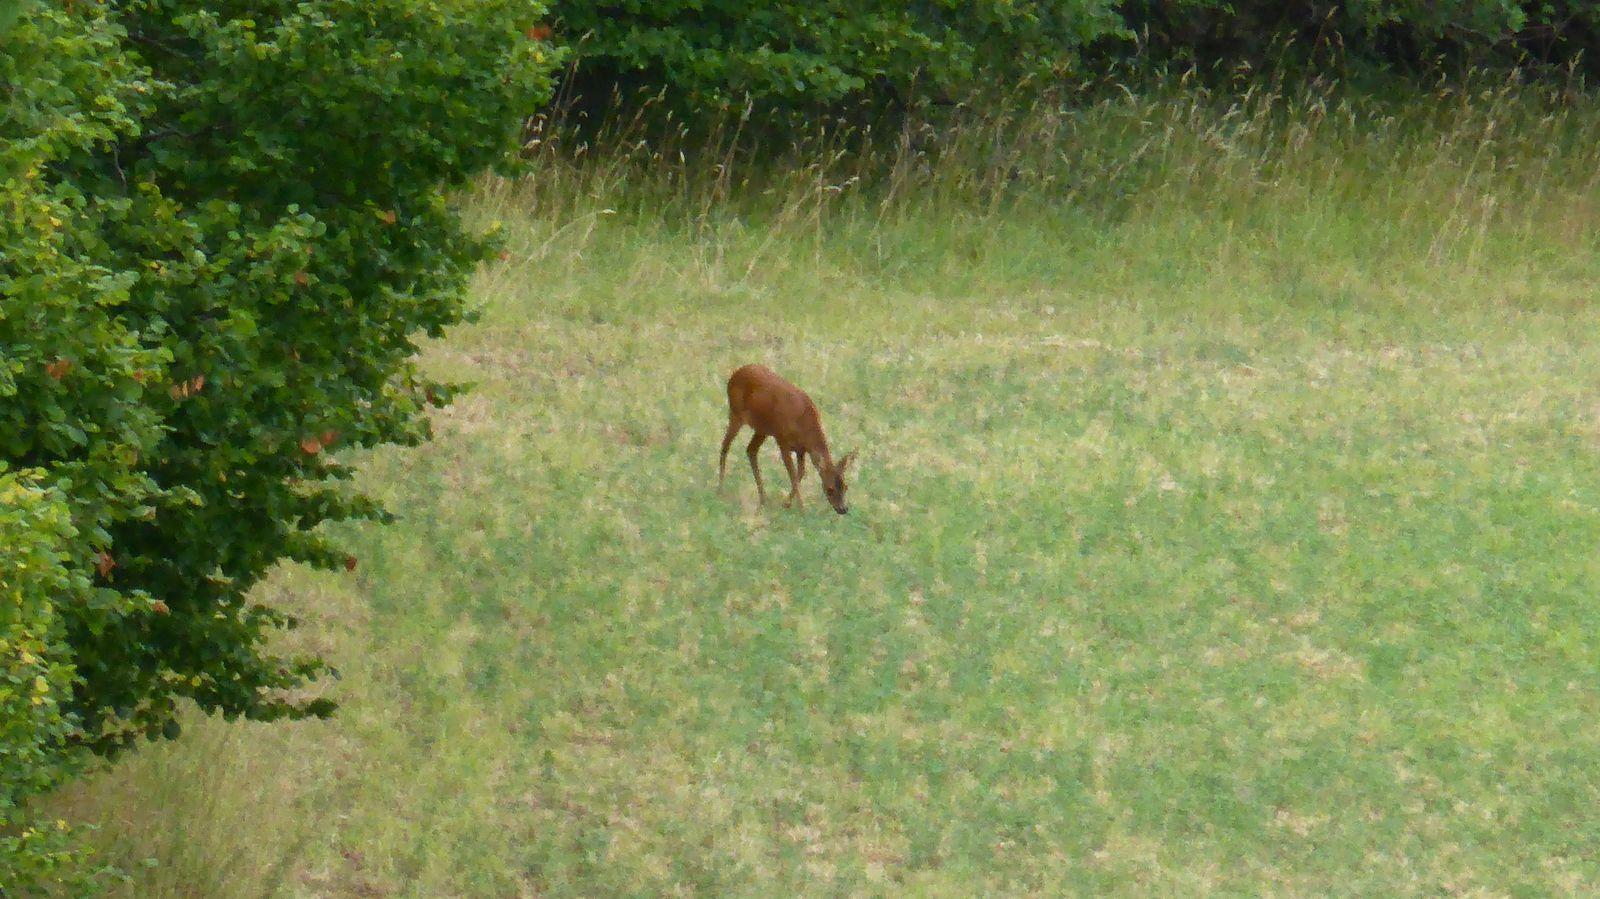 Nous revoilà sur un secteur plus plat avec nos amis les bêtes à bonne distance ici comme ce chevreuil dans un champ voisin.